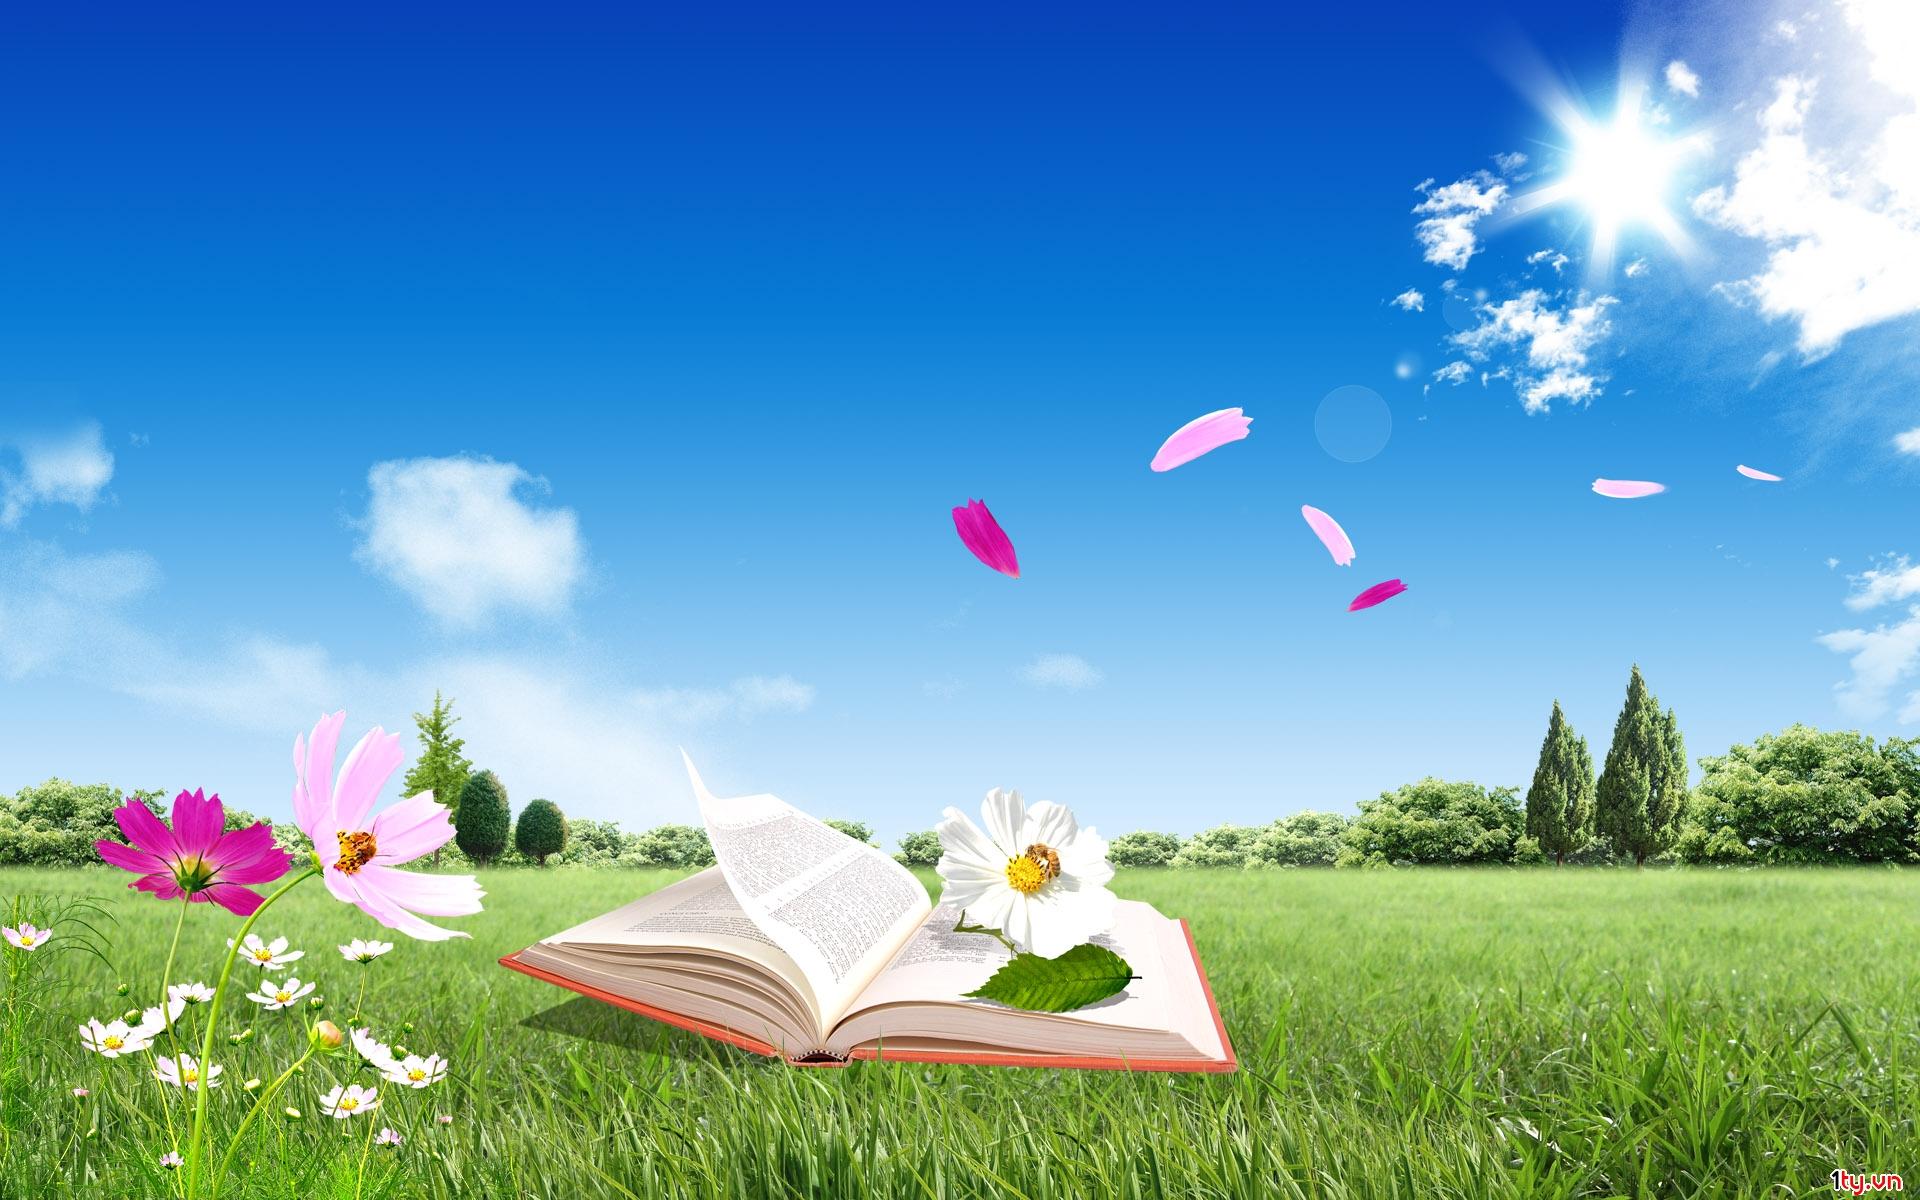 Phông nền màu xanh và cuốn sách mang lại giá trị đồ họa cao trong bức ảnh chủ đề nhà giáo VN